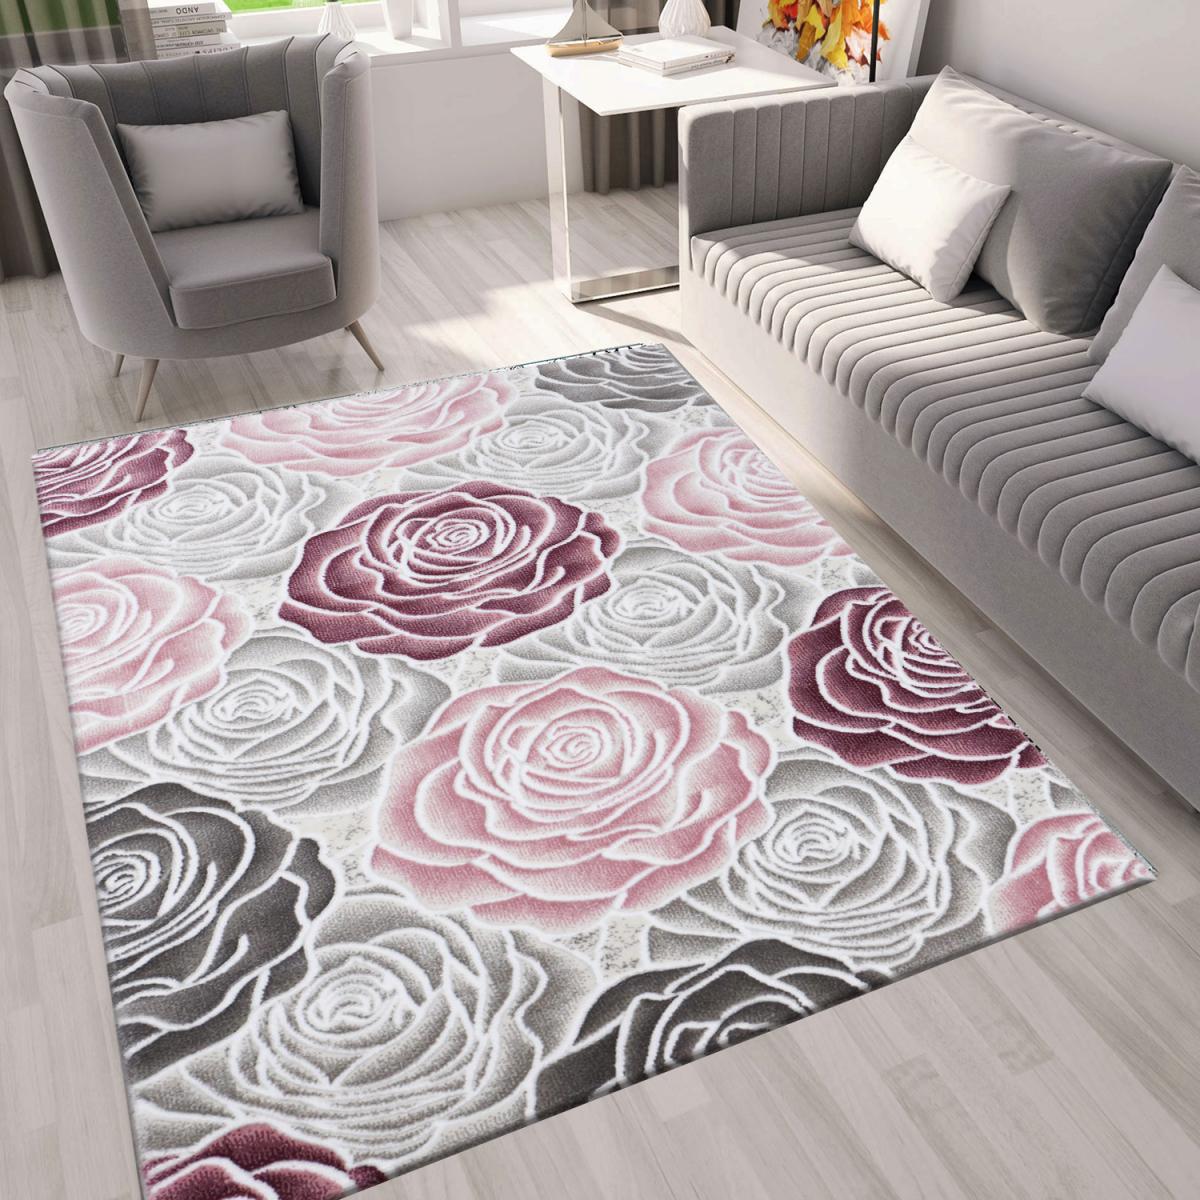 Moderner Wohnzimmer Teppich Rosen Muster In Rosa Grau Creme von Wohnzimmer Teppich Altrosa Photo